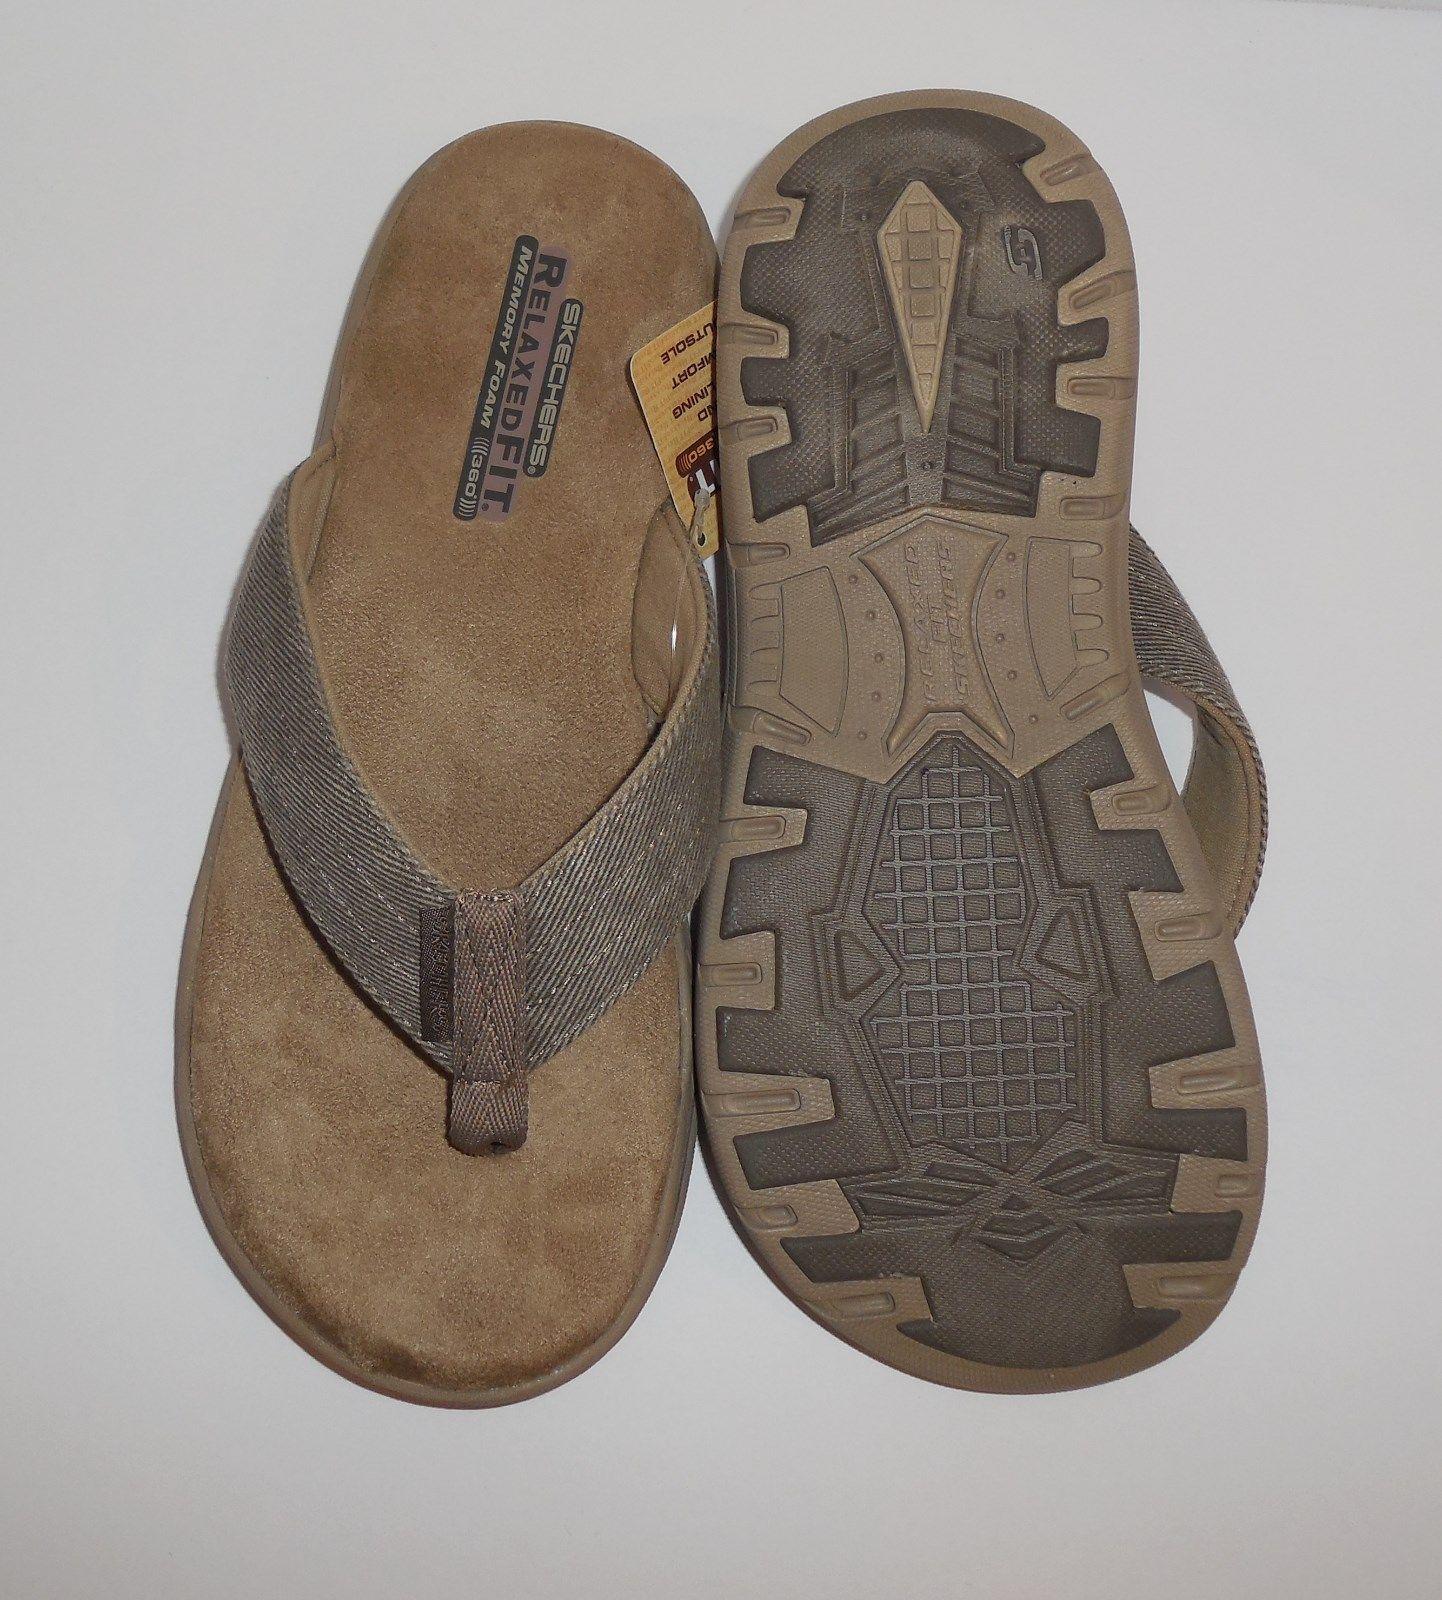 495fbfe1 Mens Size 8 SKECHERS Evented Rosen Flip Flops Thong Sandals Khaki 65090 New